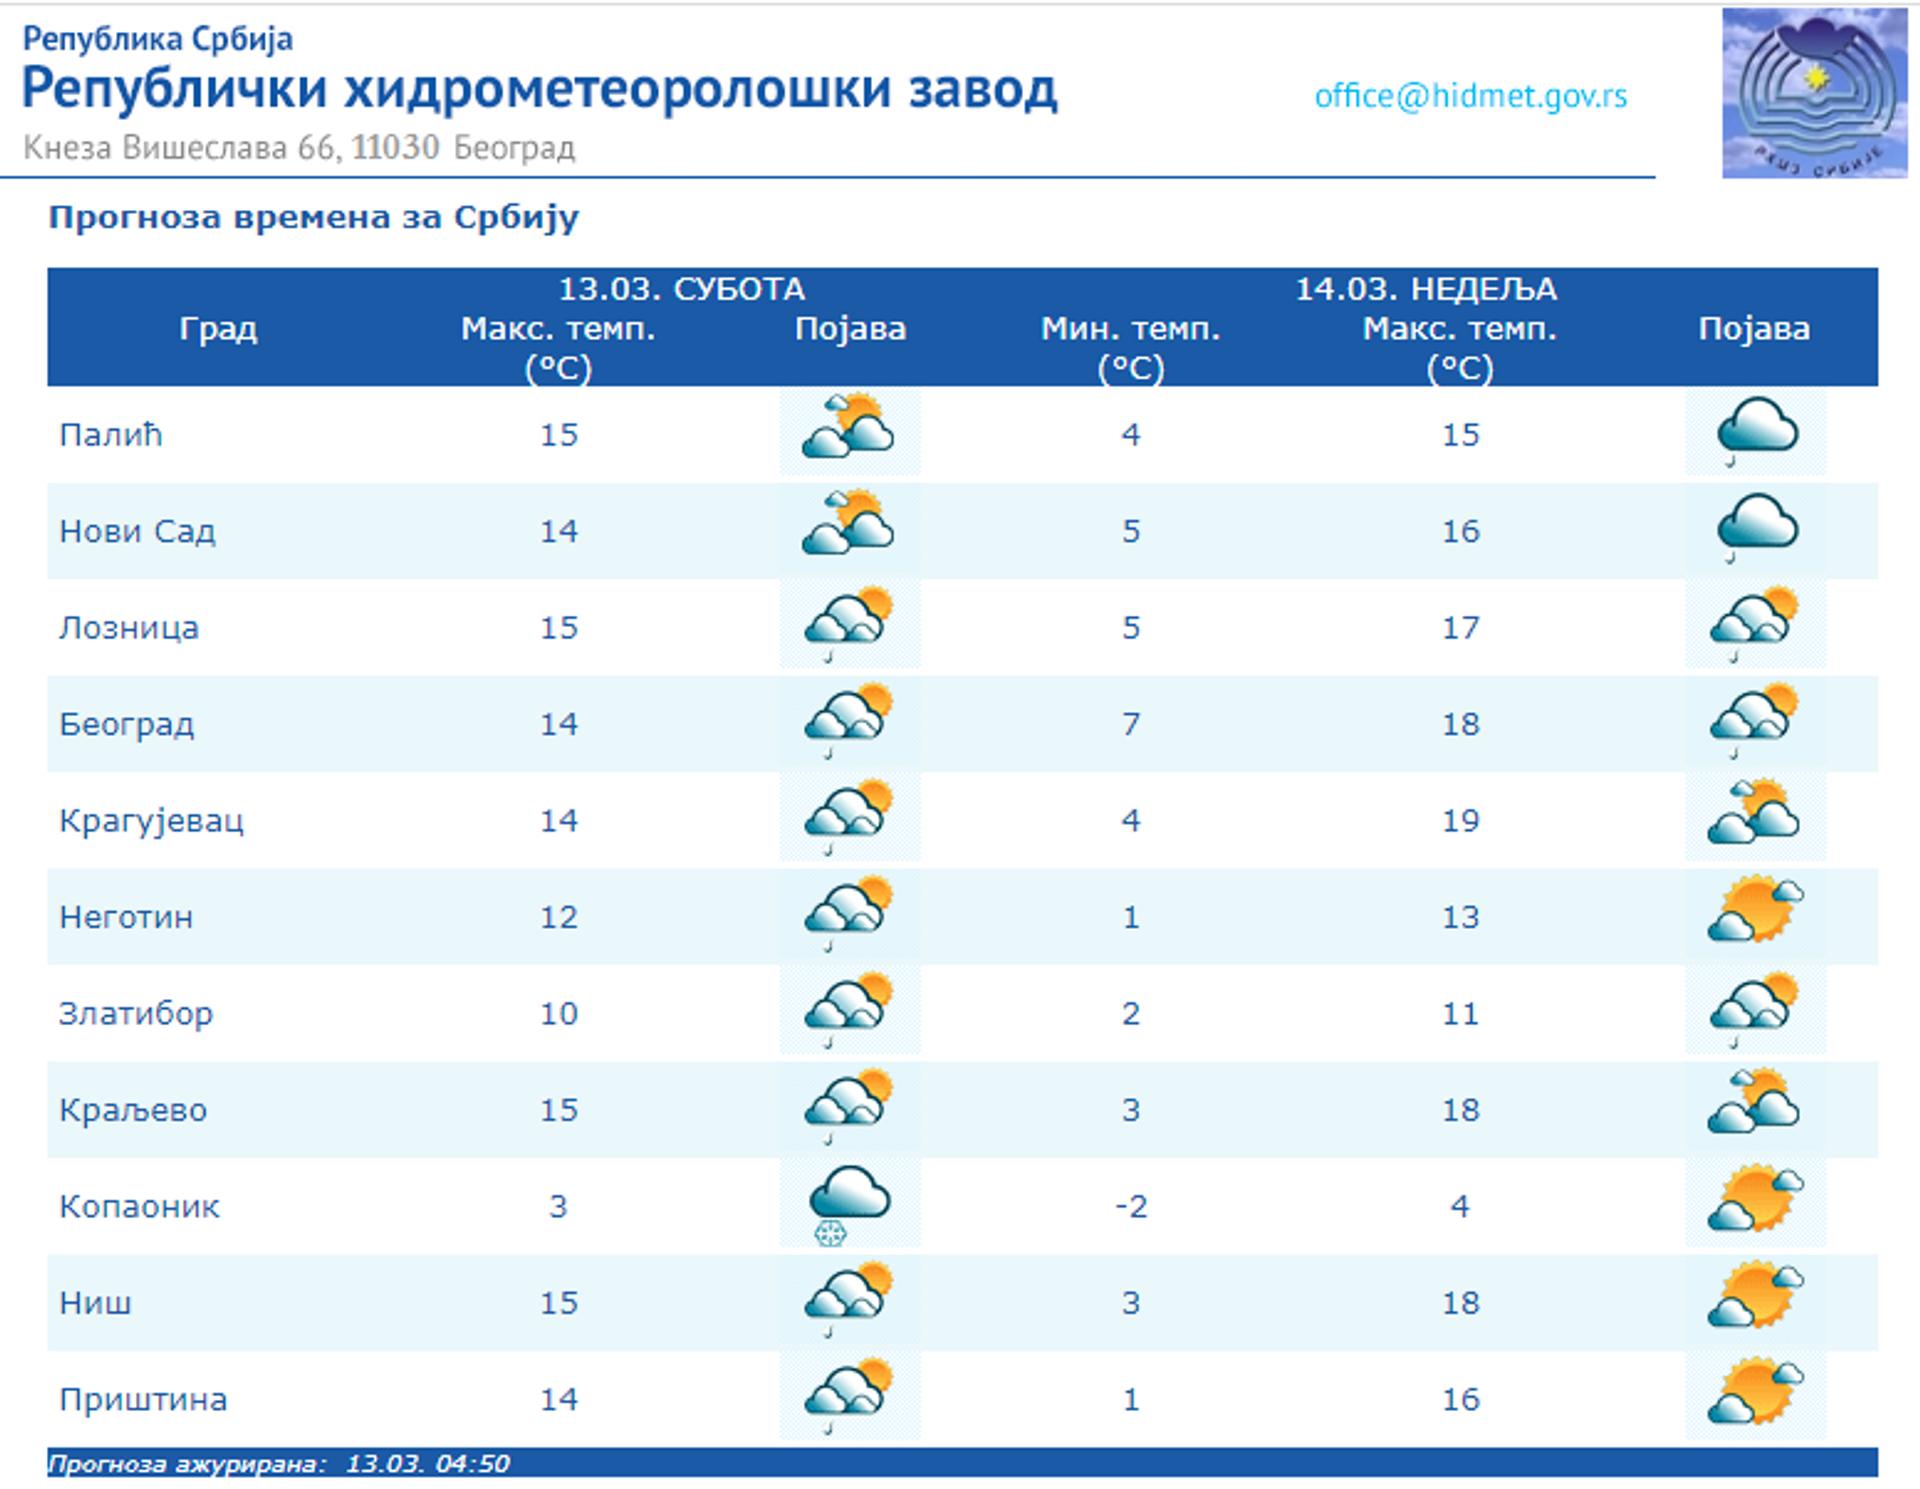 Време данас: Облачно и кишовито, сутра сунчано и топлије - Sputnik Србија, 1920, 13.03.2021